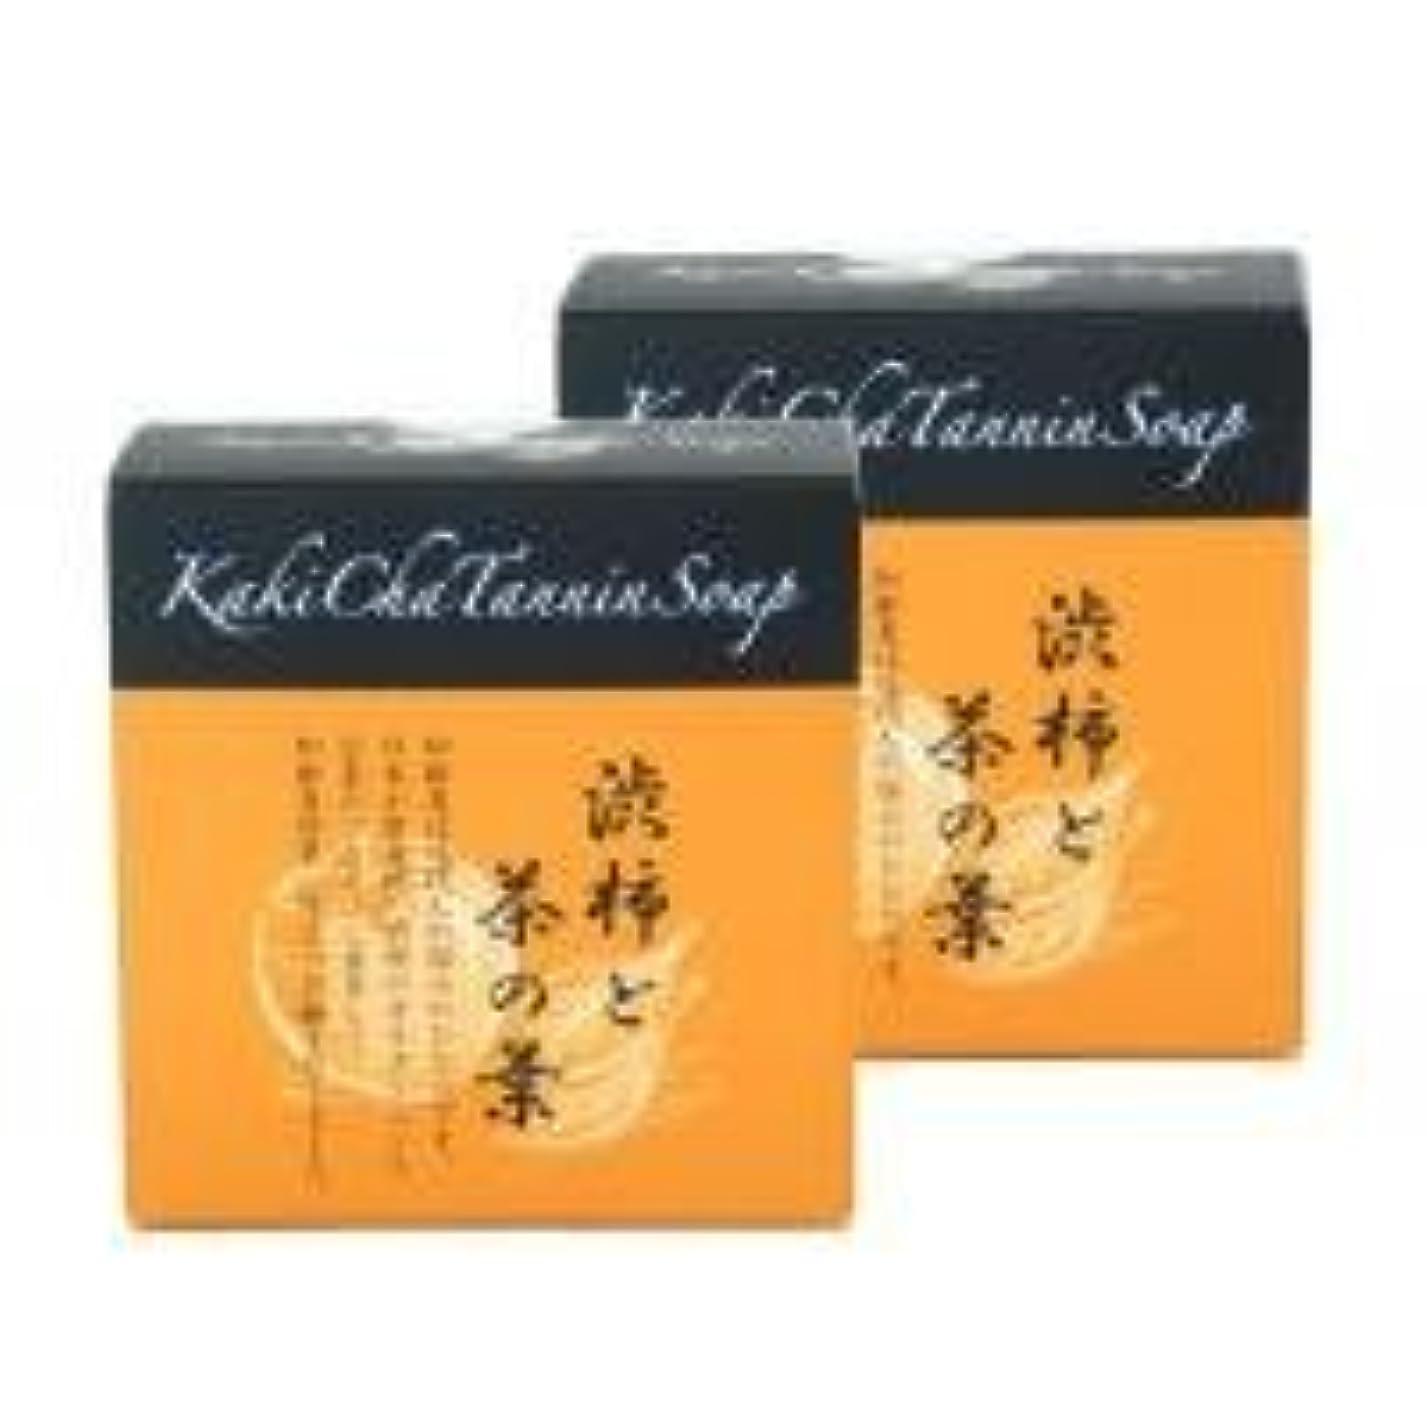 フリル工場補助金柿茶タンニンソープ(100g)×2個 K00024W